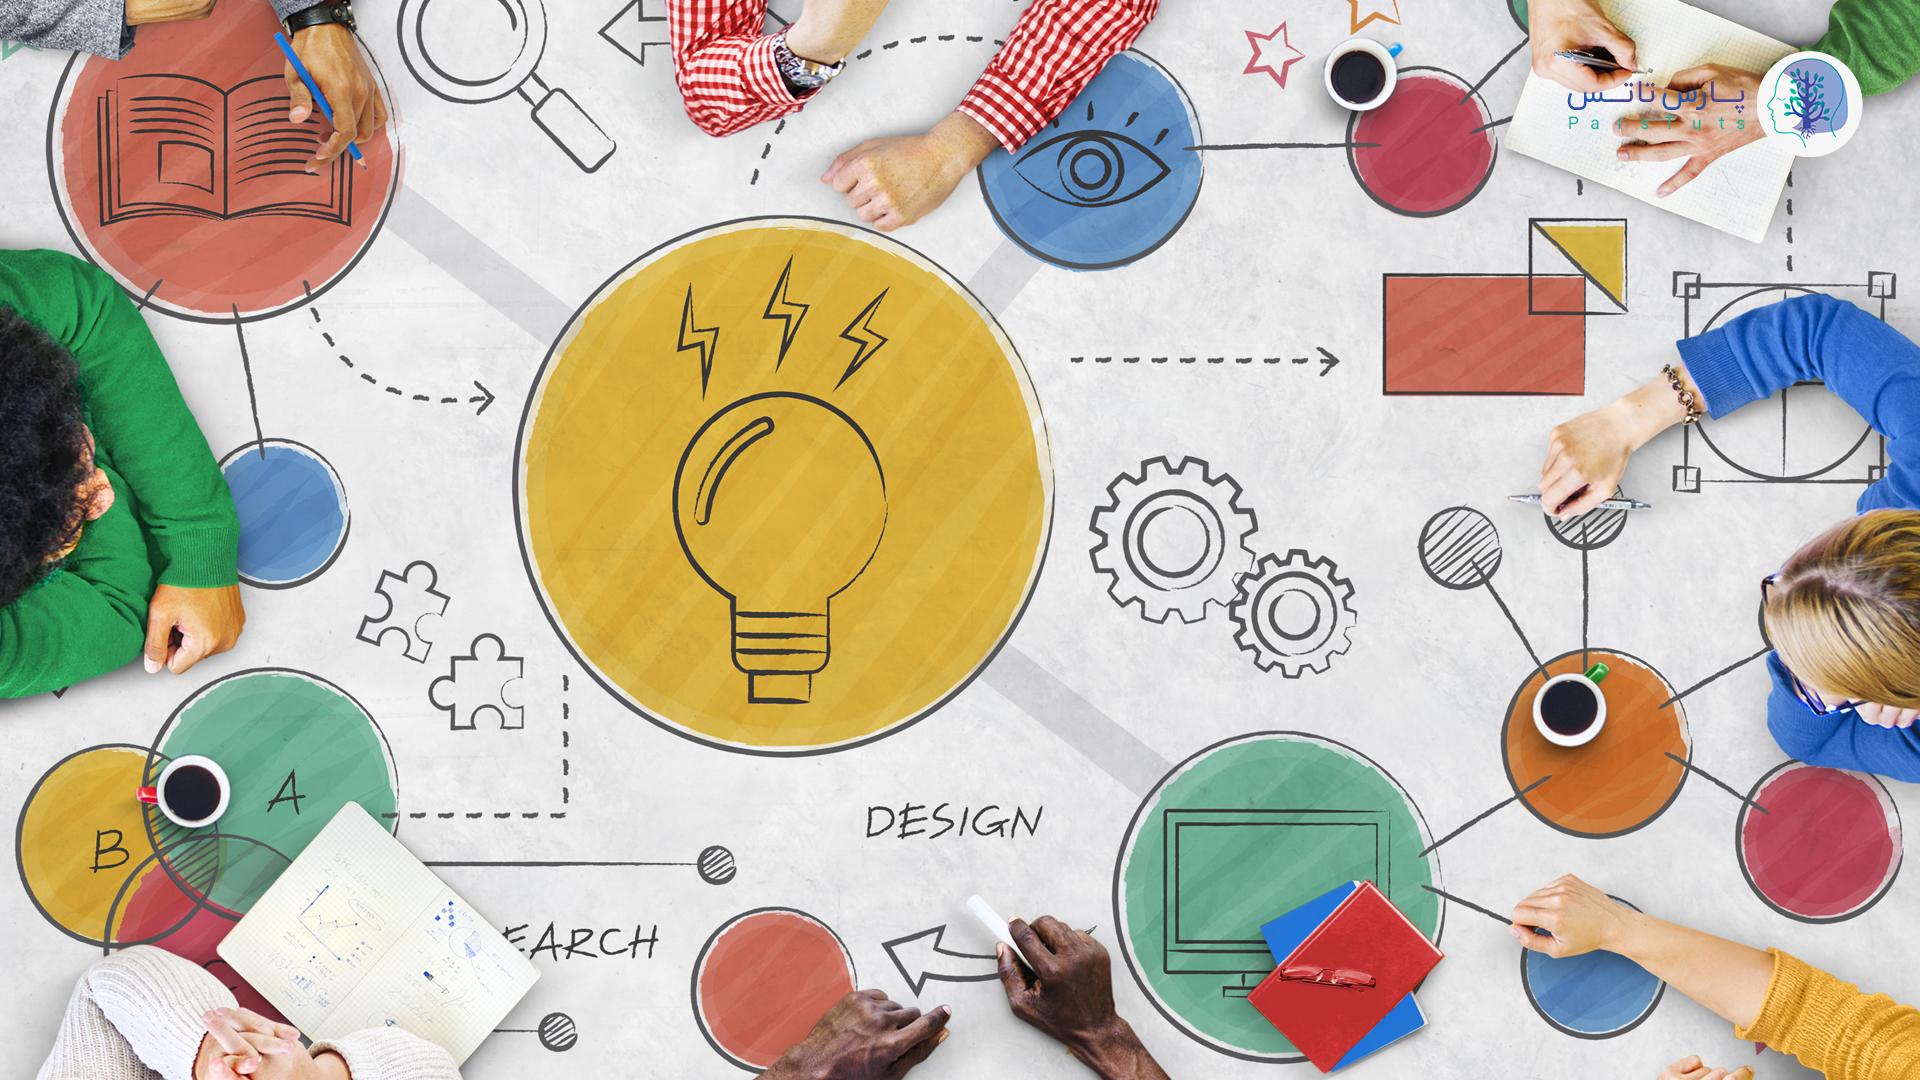 خلق نوآوری چیست؟